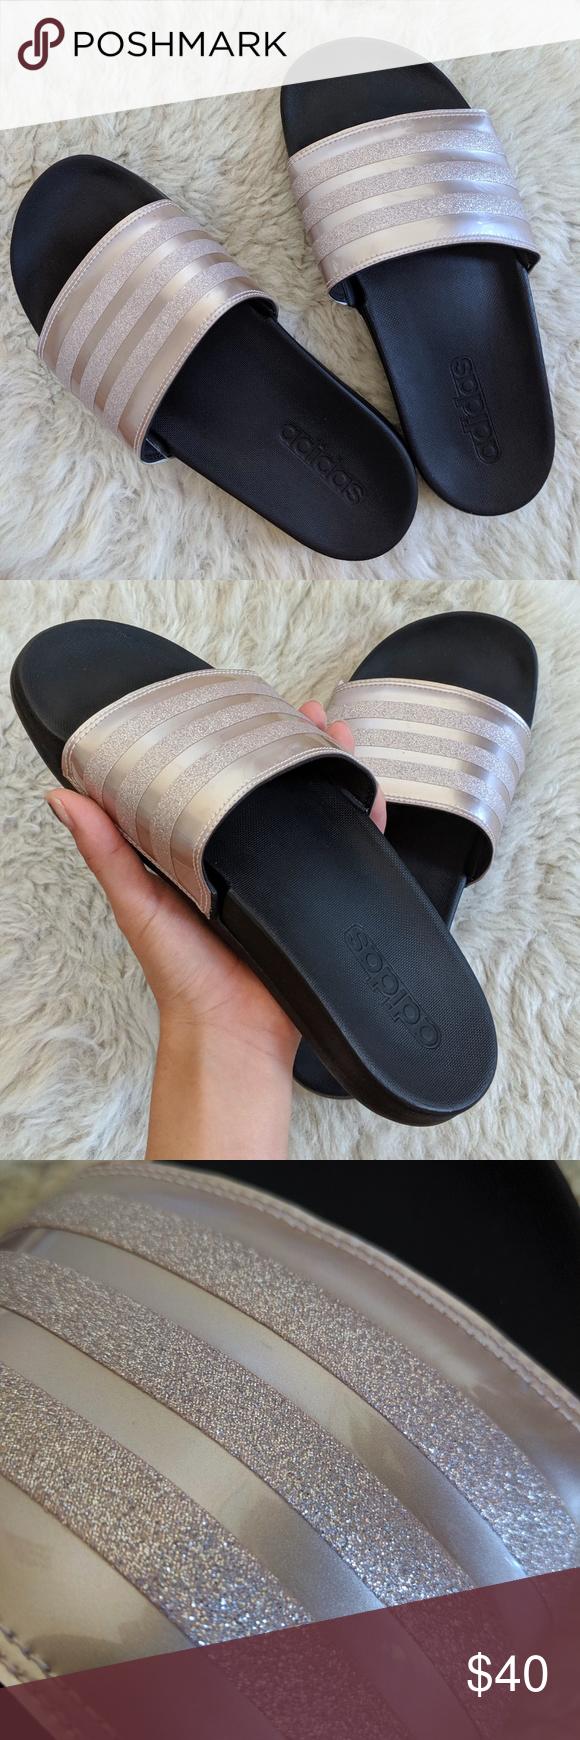 Adidas adilette comfort slides rose